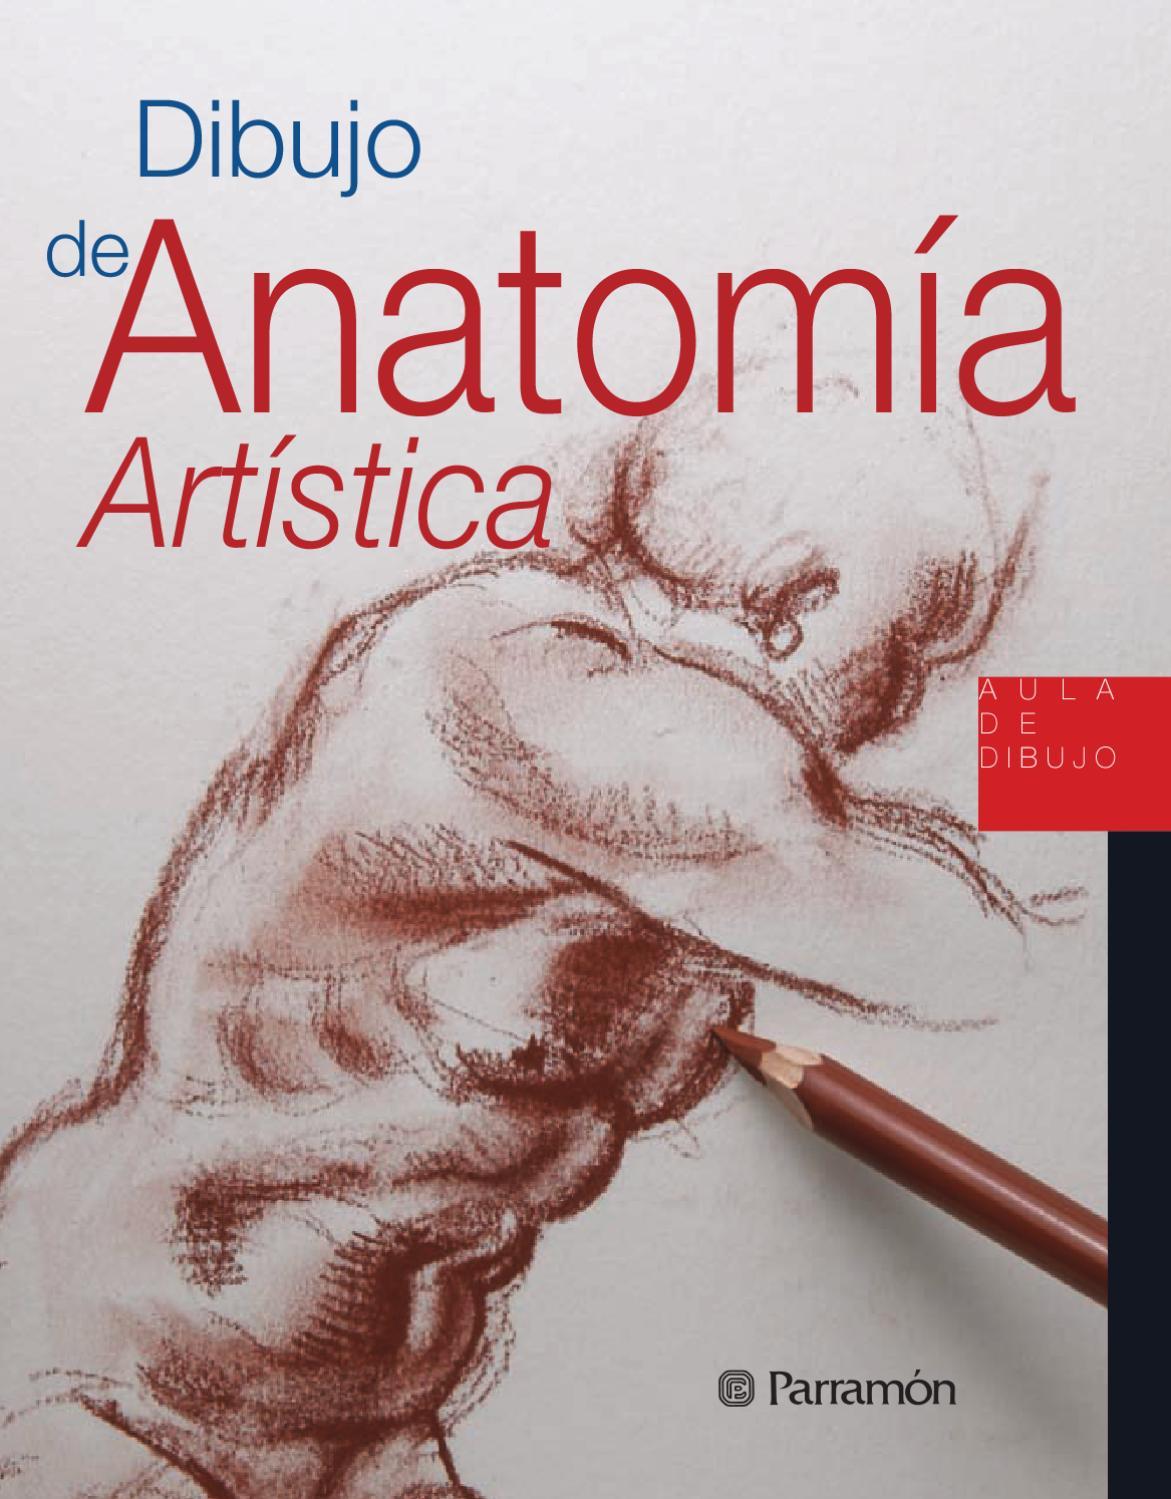 Aula de dibujo - Dibujo de Anatomía Artística by Parramón ediciones ...